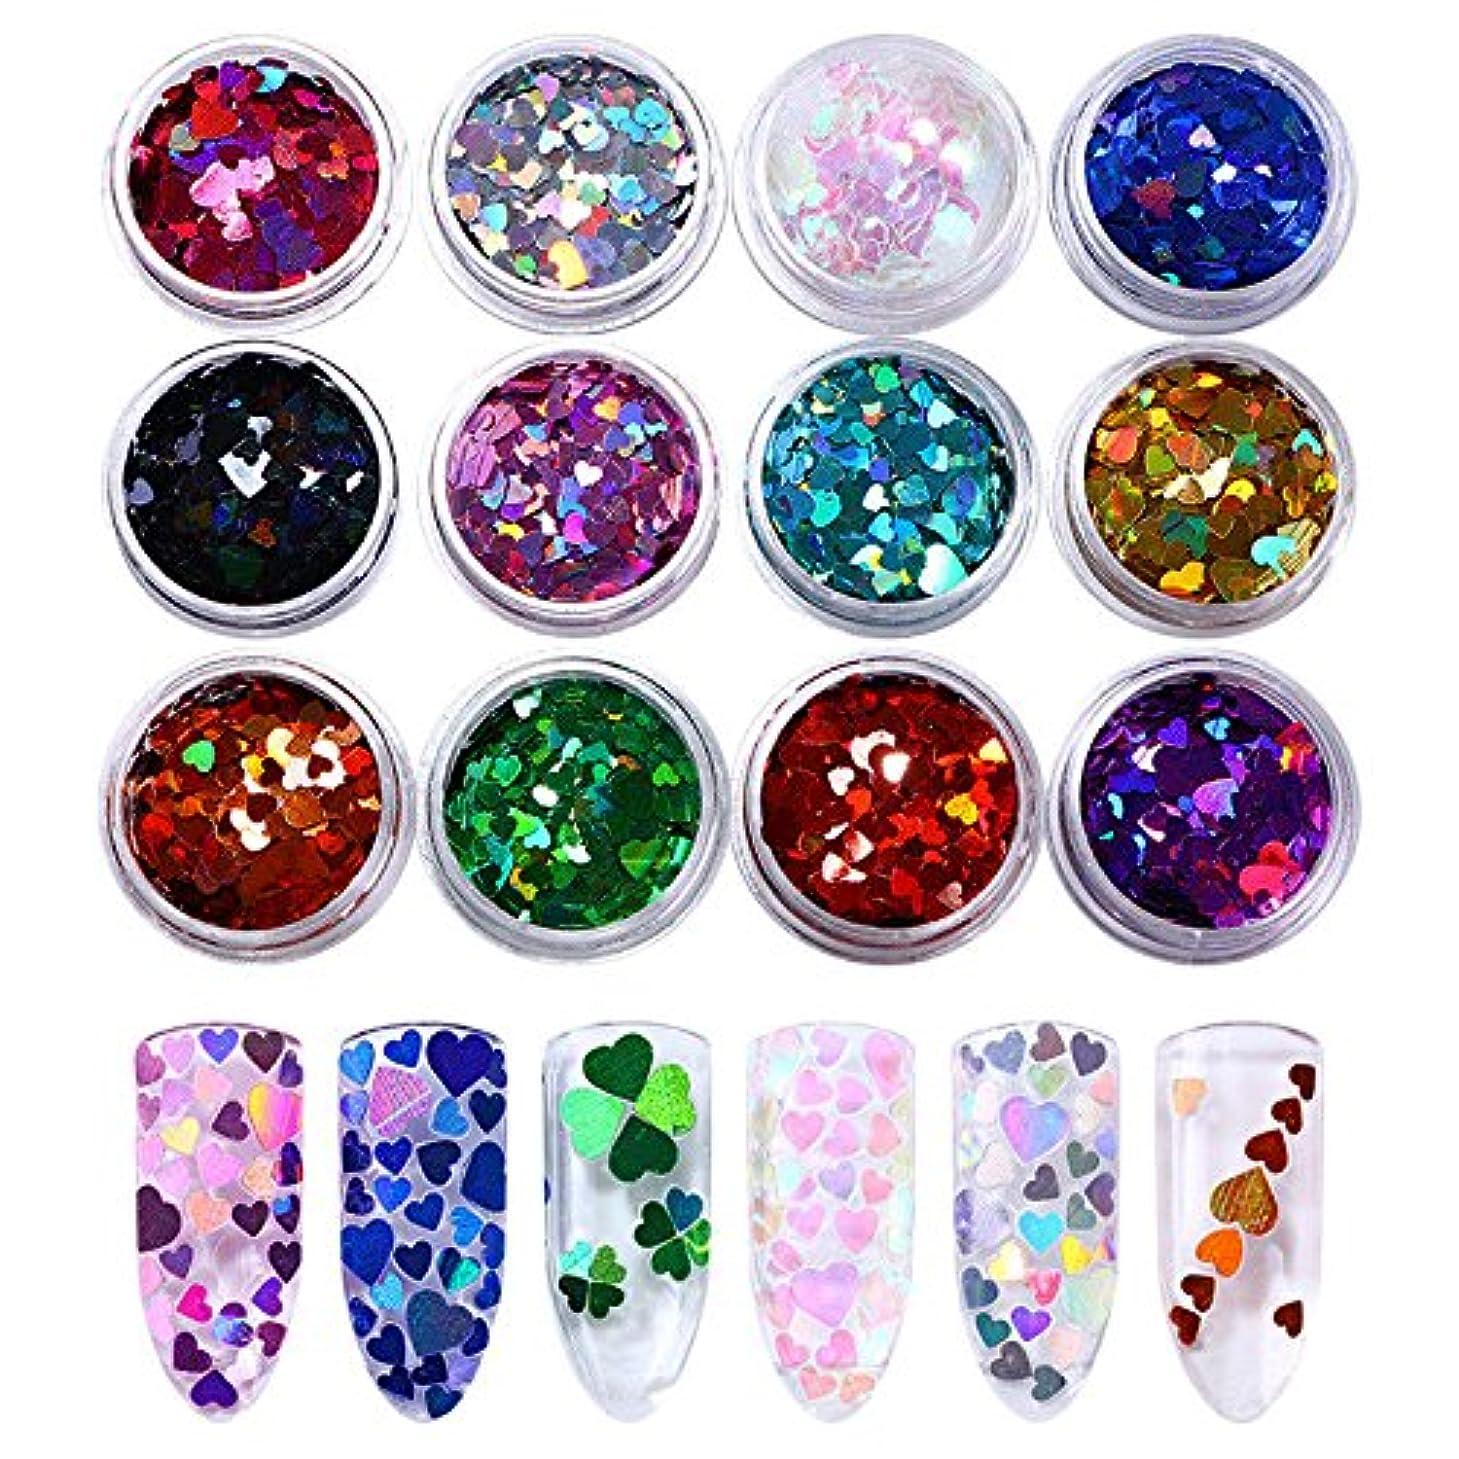 くぼみ美徳発言するFidgetGear 12ボックスホログラフィックネイルスパンコールマルチサイズ虹色ハートパレットマニキュア